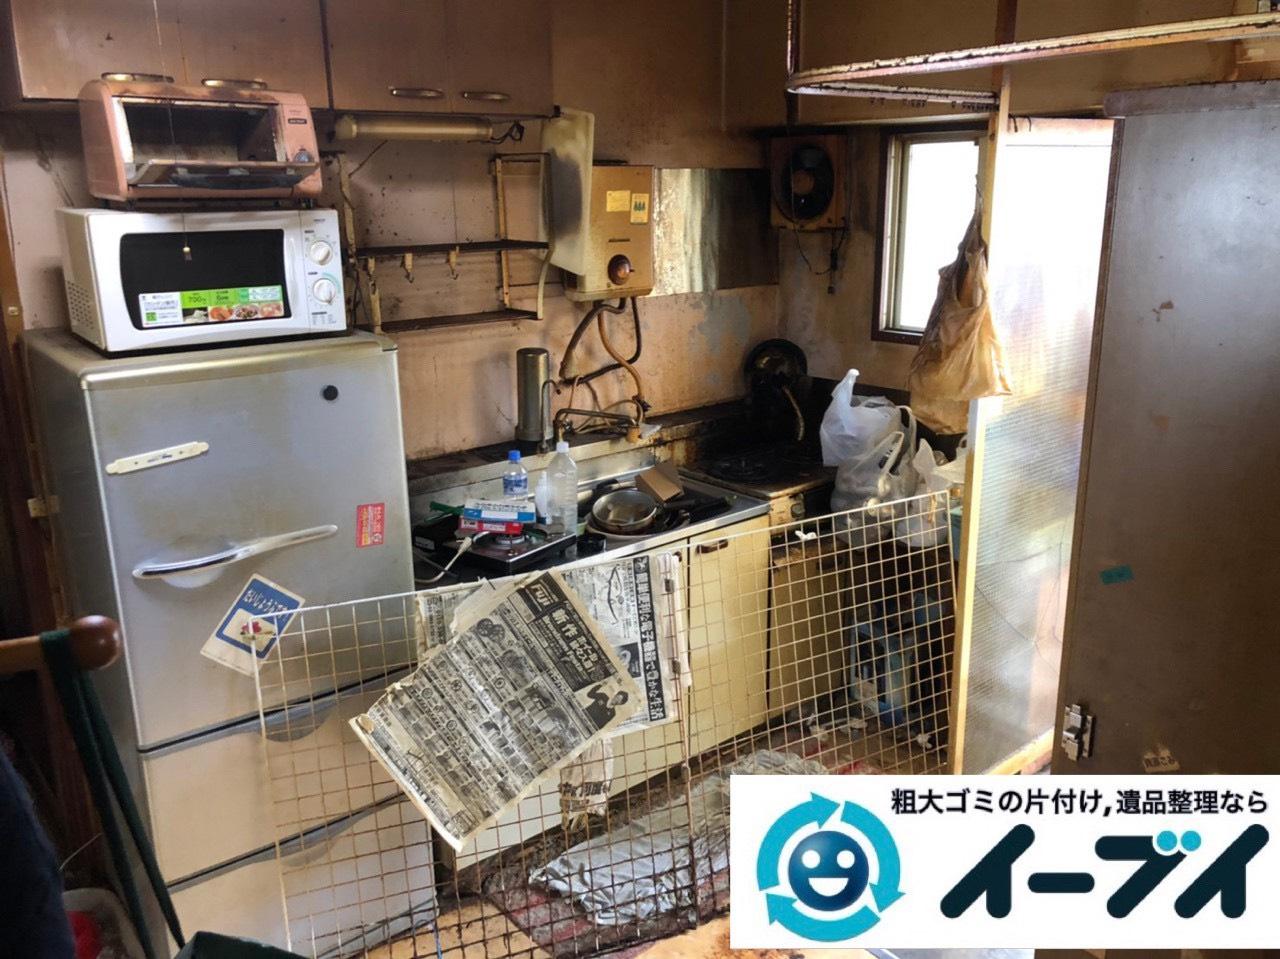 2019年7月3日大阪府大阪市港区で物やゴミが散乱した台所の片付け作業。写真4